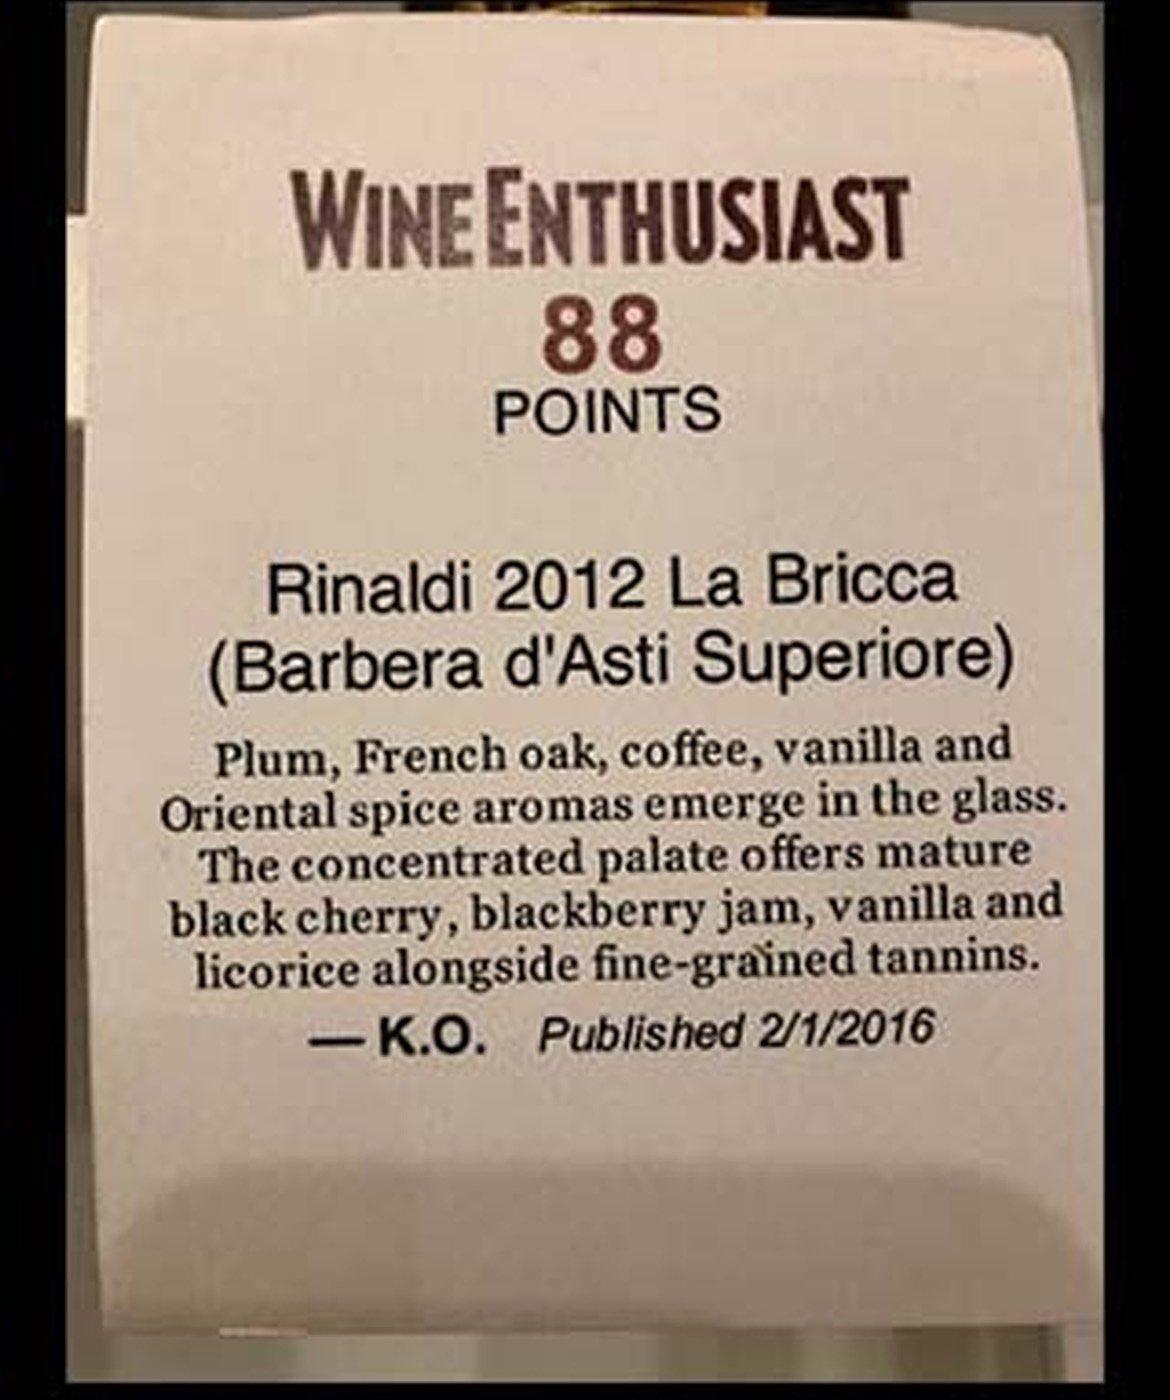 rinaldi 2012 barbera asti superiore la bricca premio wine enthusiast